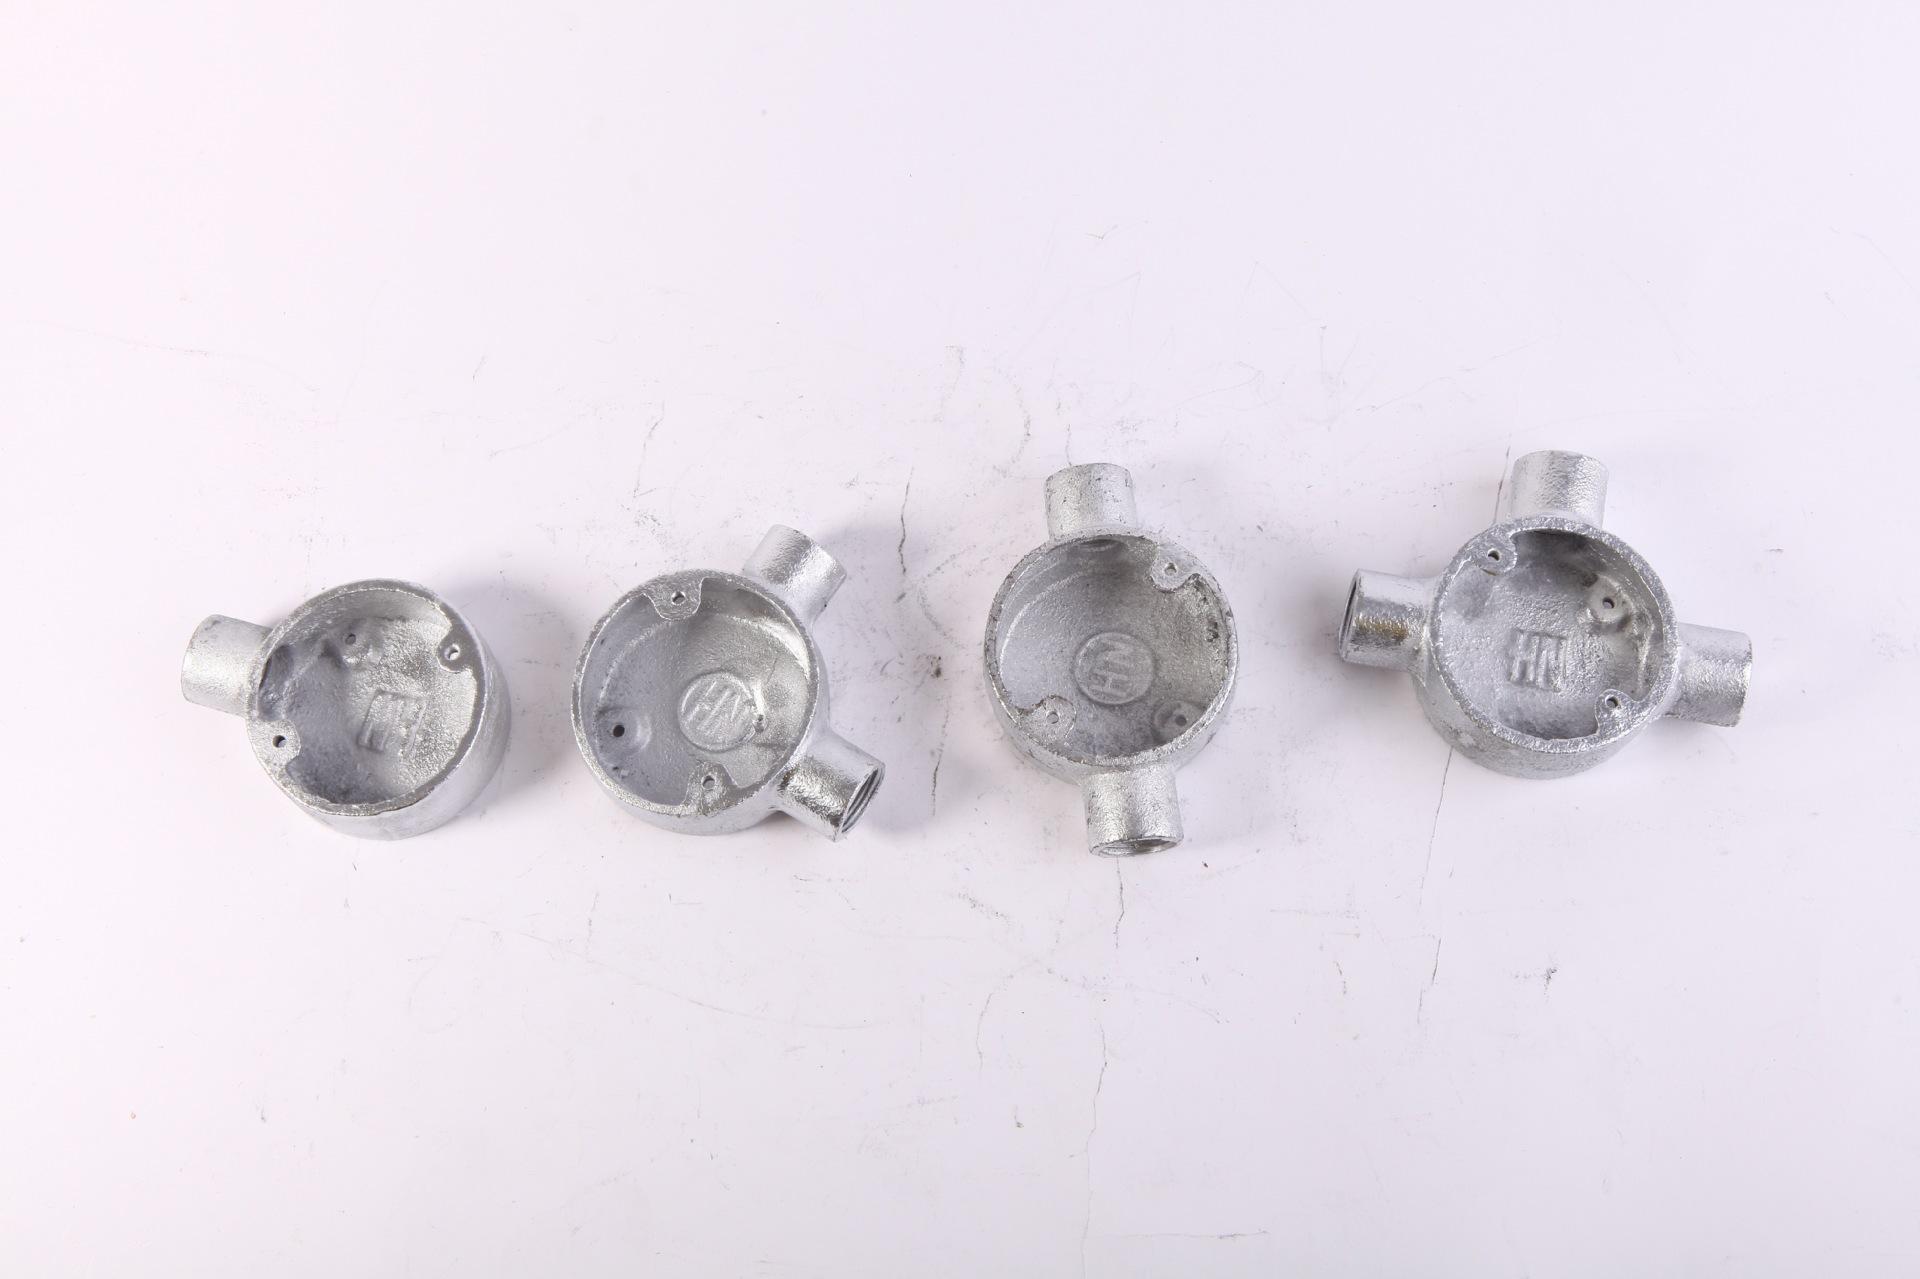 厂家直销热浸锌四级管配件 铸铁司令箱 25mm玛钢司令箱示例图5